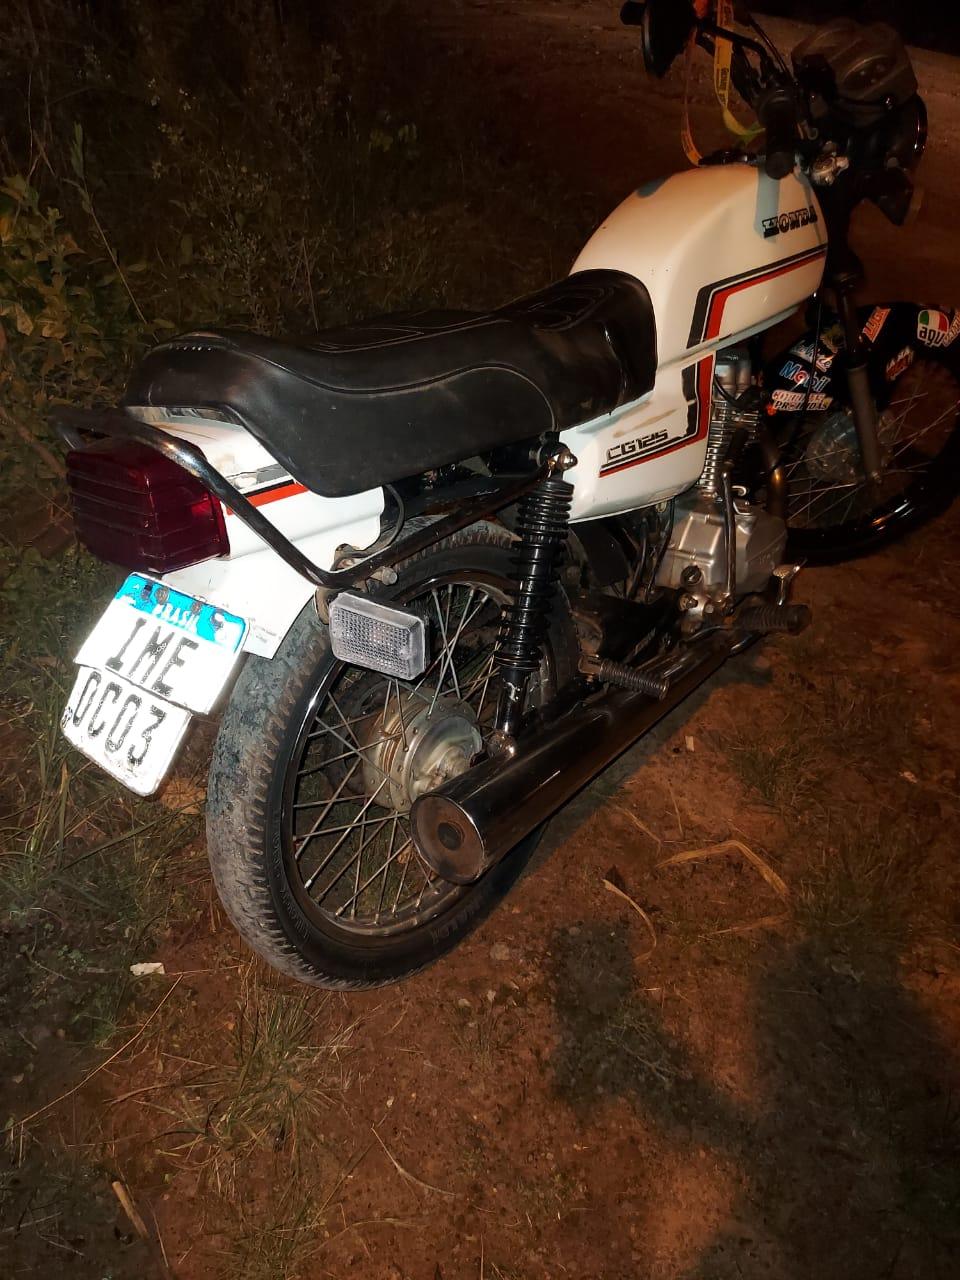 Motorista é pego com placa adulterada e maconha em Fazenda Vilanova